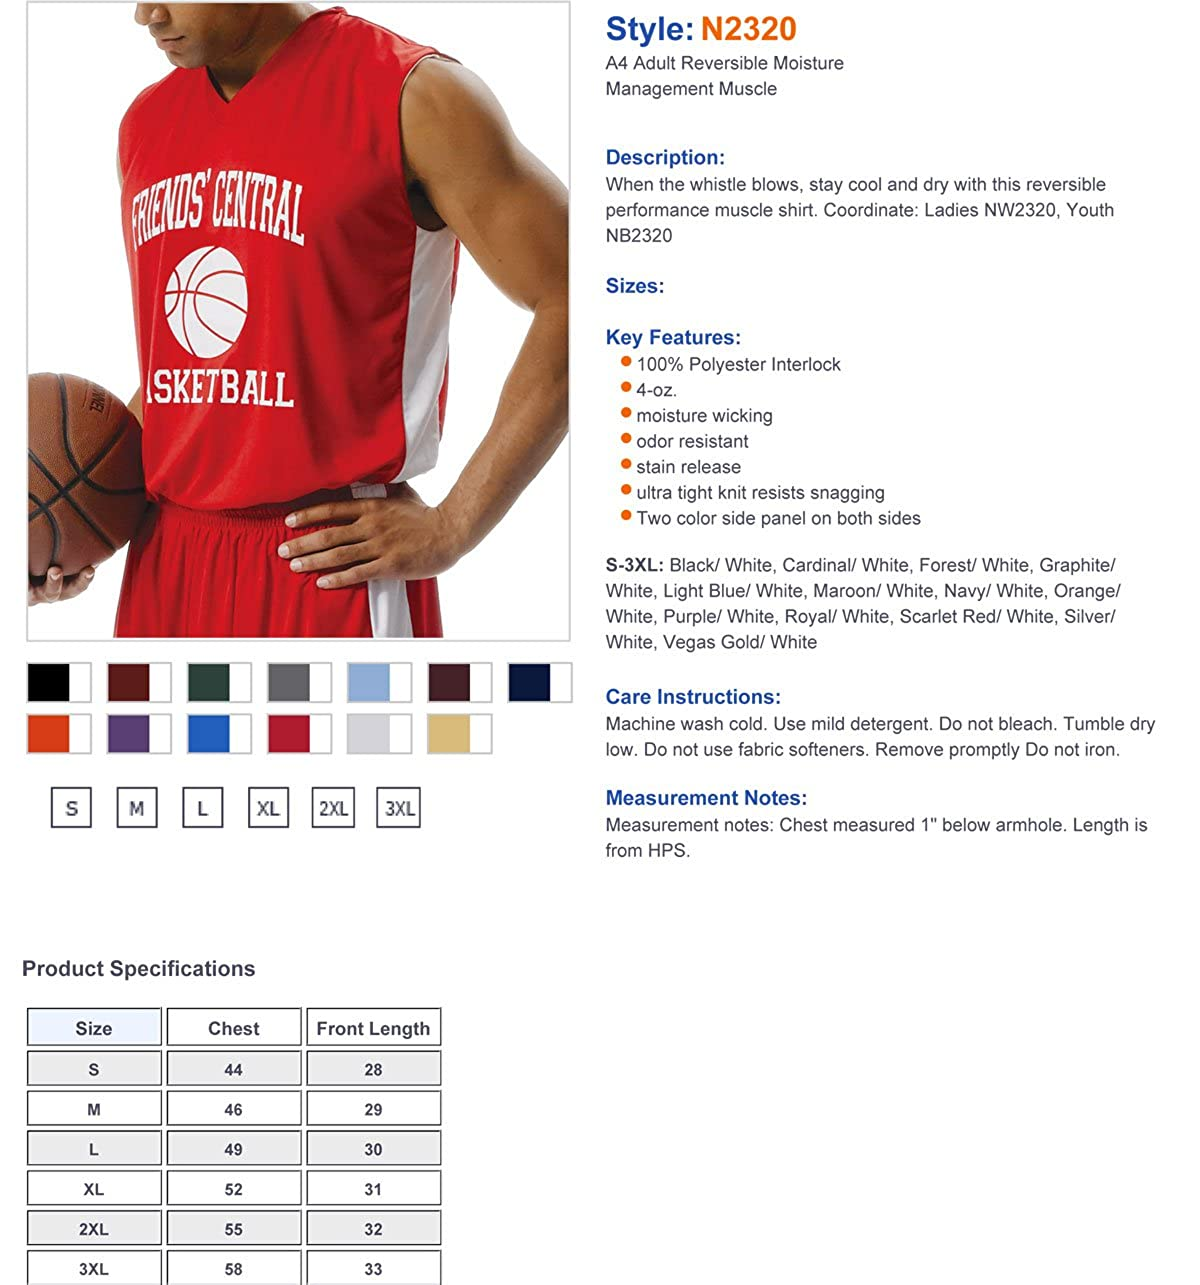 A4 Men's Men's Men's Reversible Moisture Management Basketball Jersey 2d5278